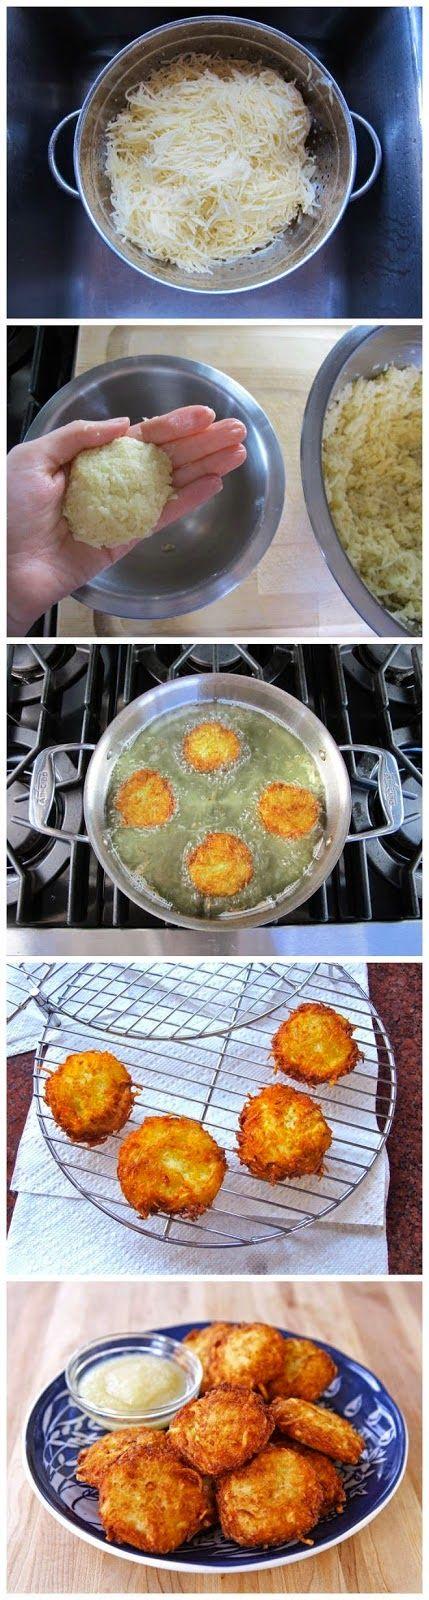 crispy panko potato latkes crispy panko potato latkes 9 crispy panko ...